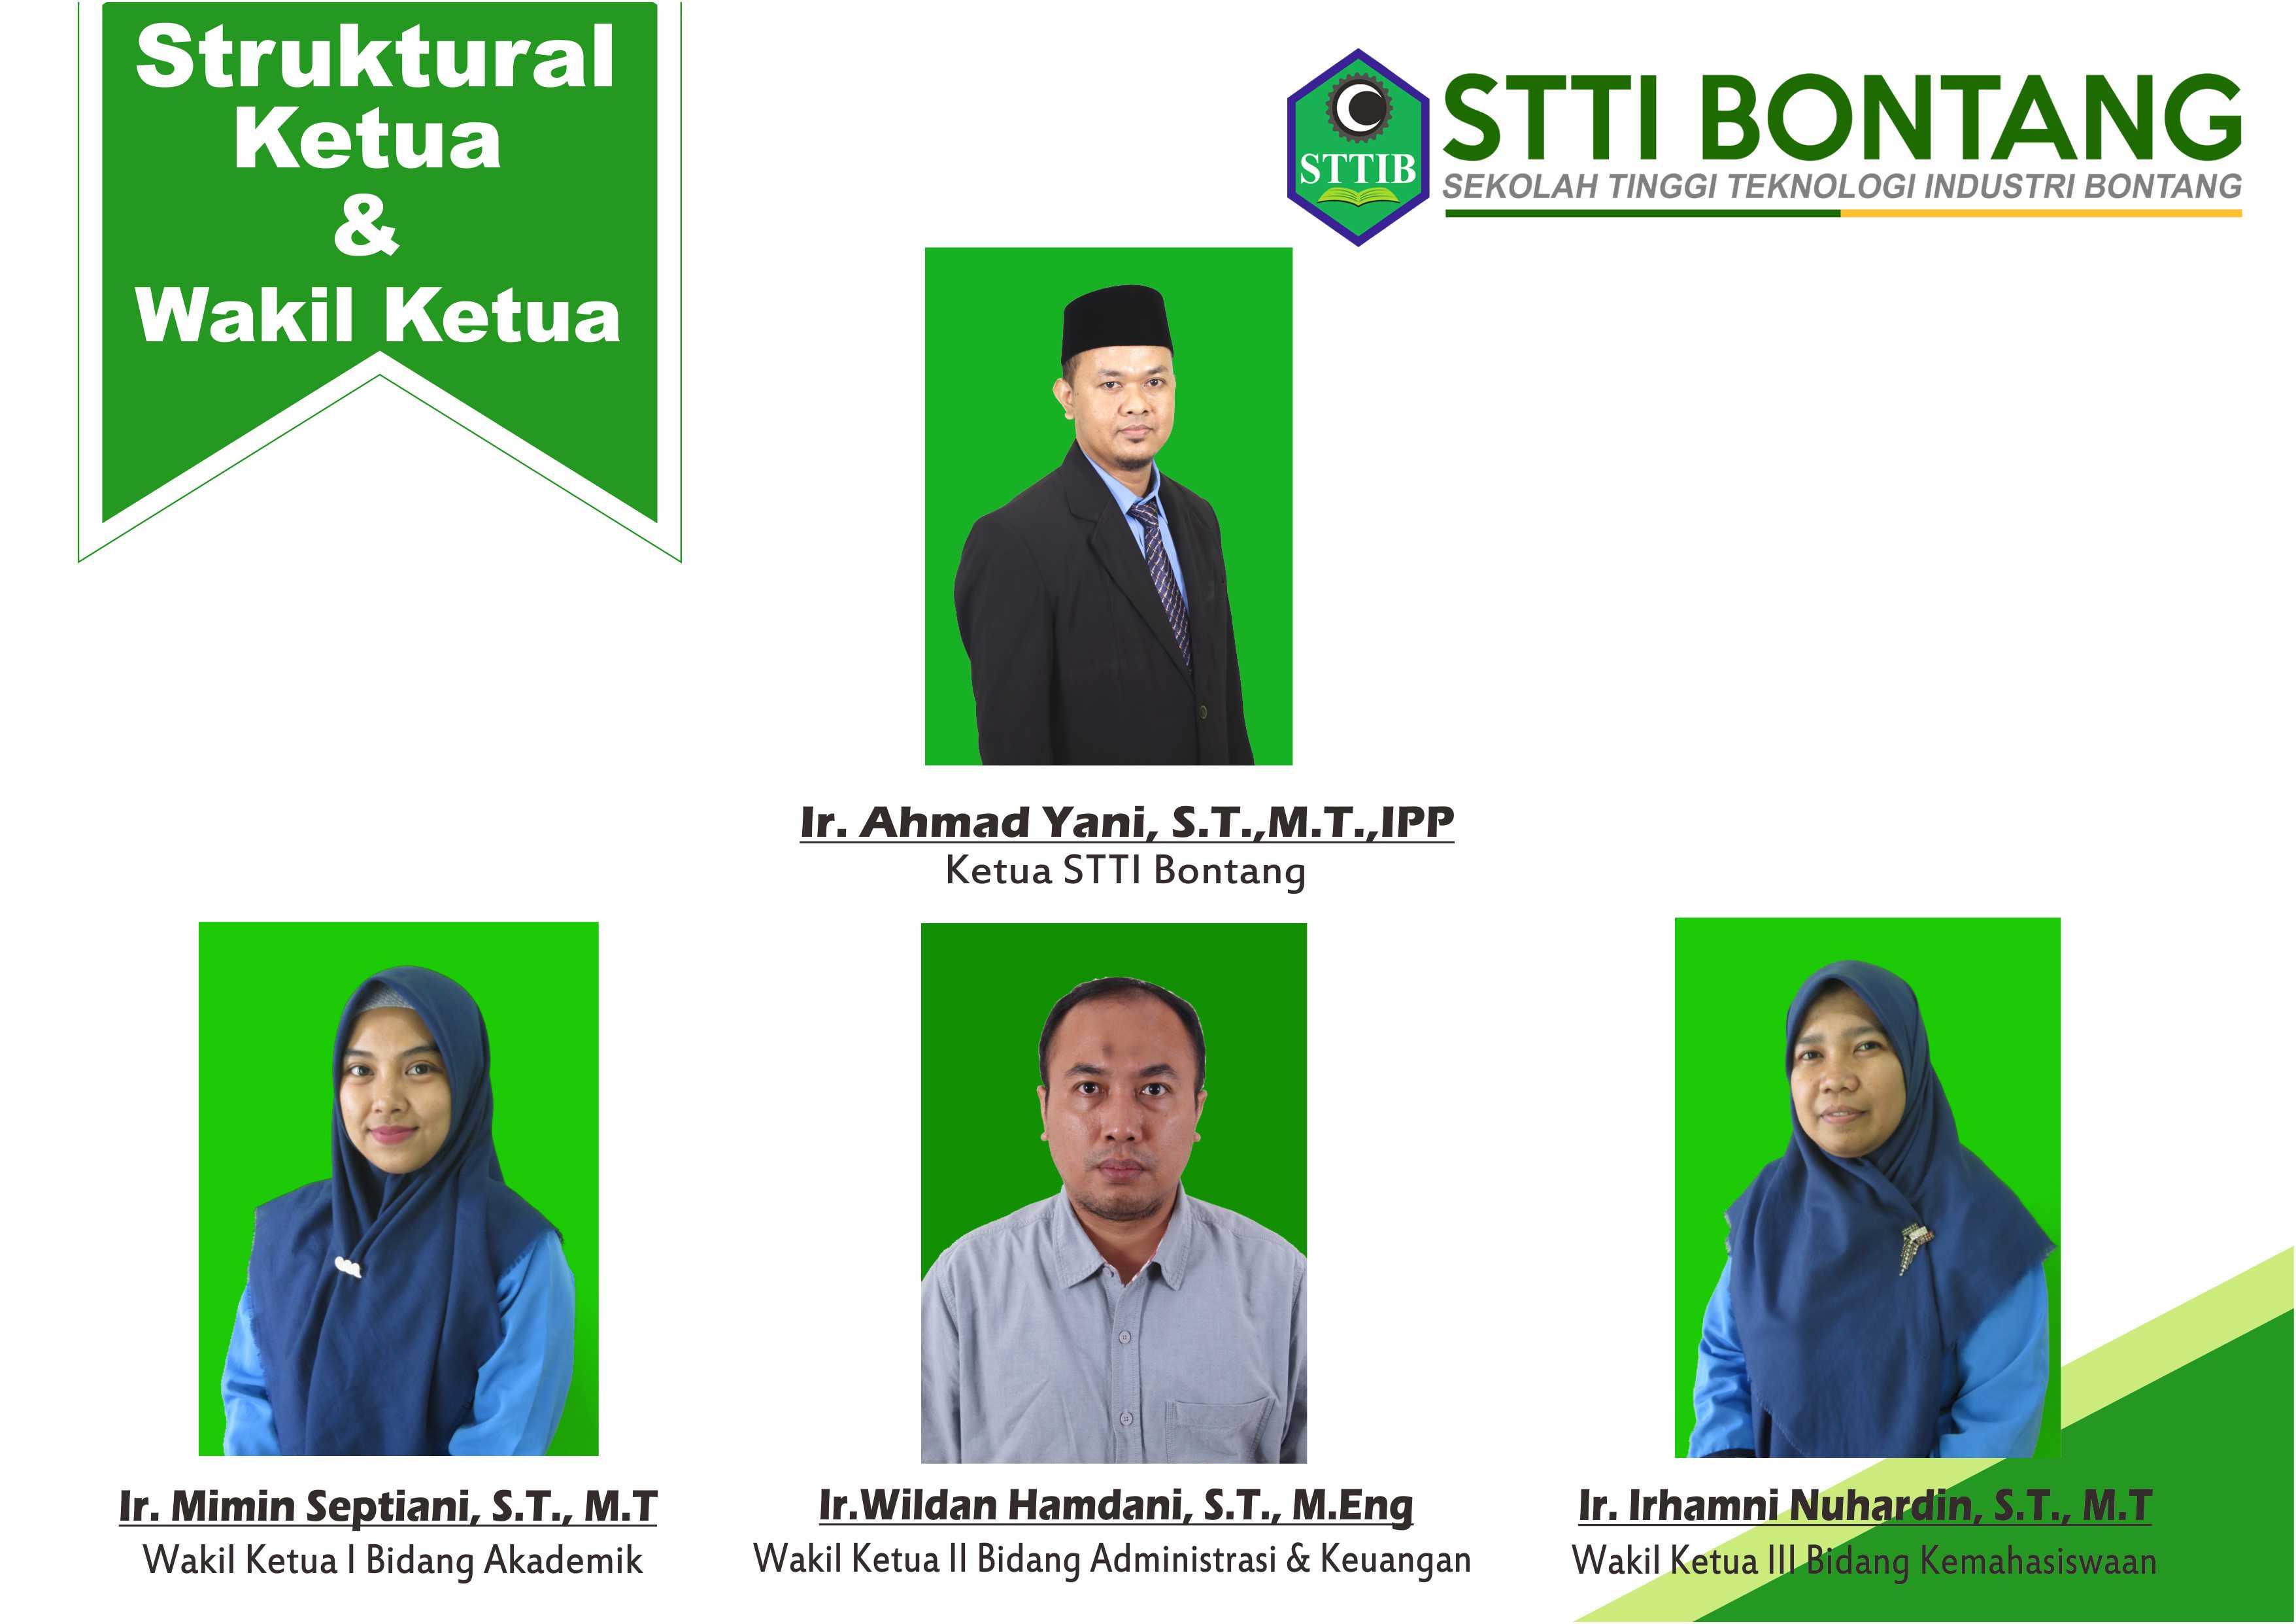 Struktur Ketua dan Wakil Ketua